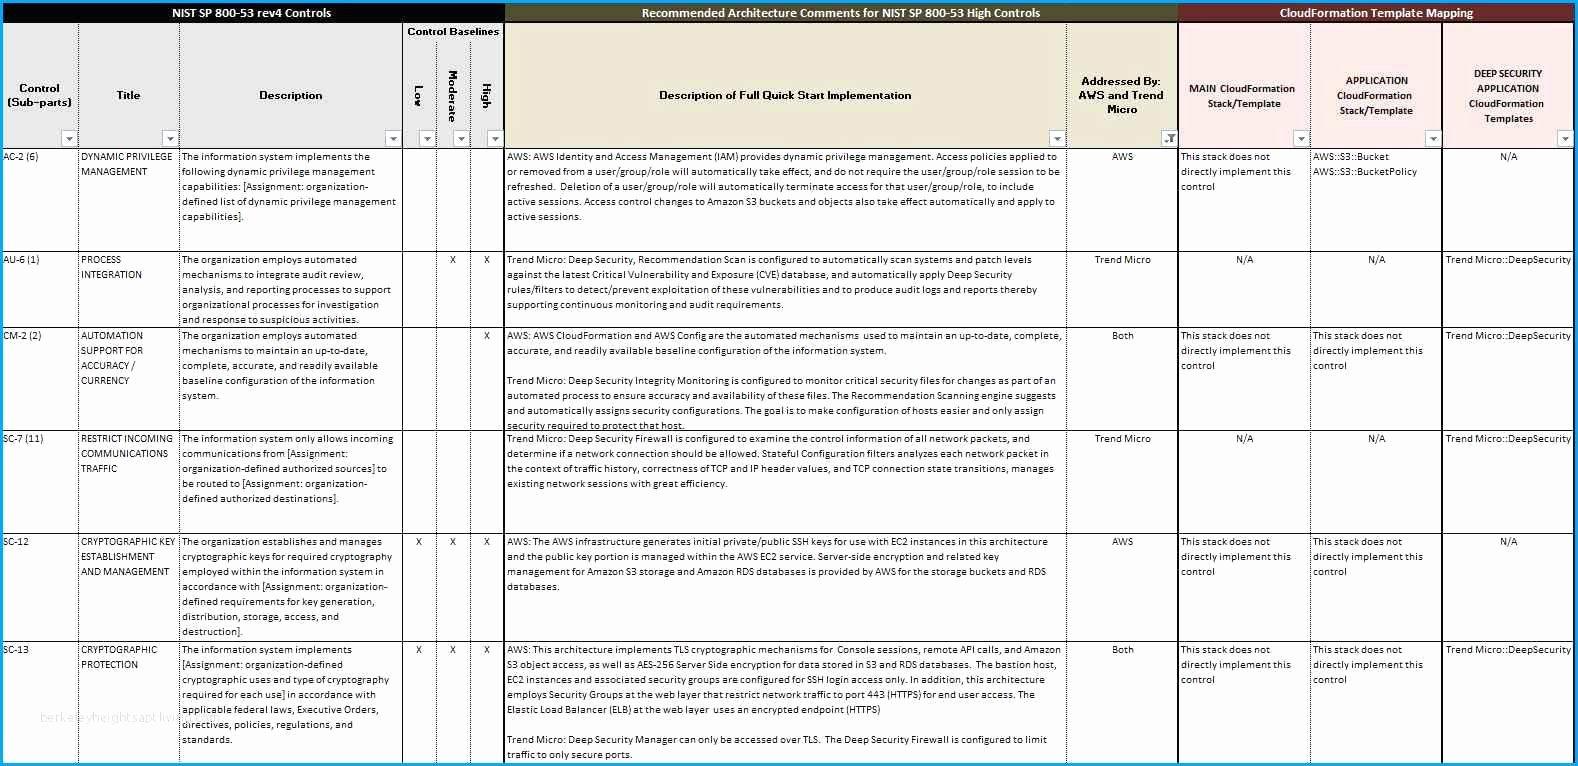 Security assessment Plan Template Unique Nist Security assessment Plan Template Unsophisticated